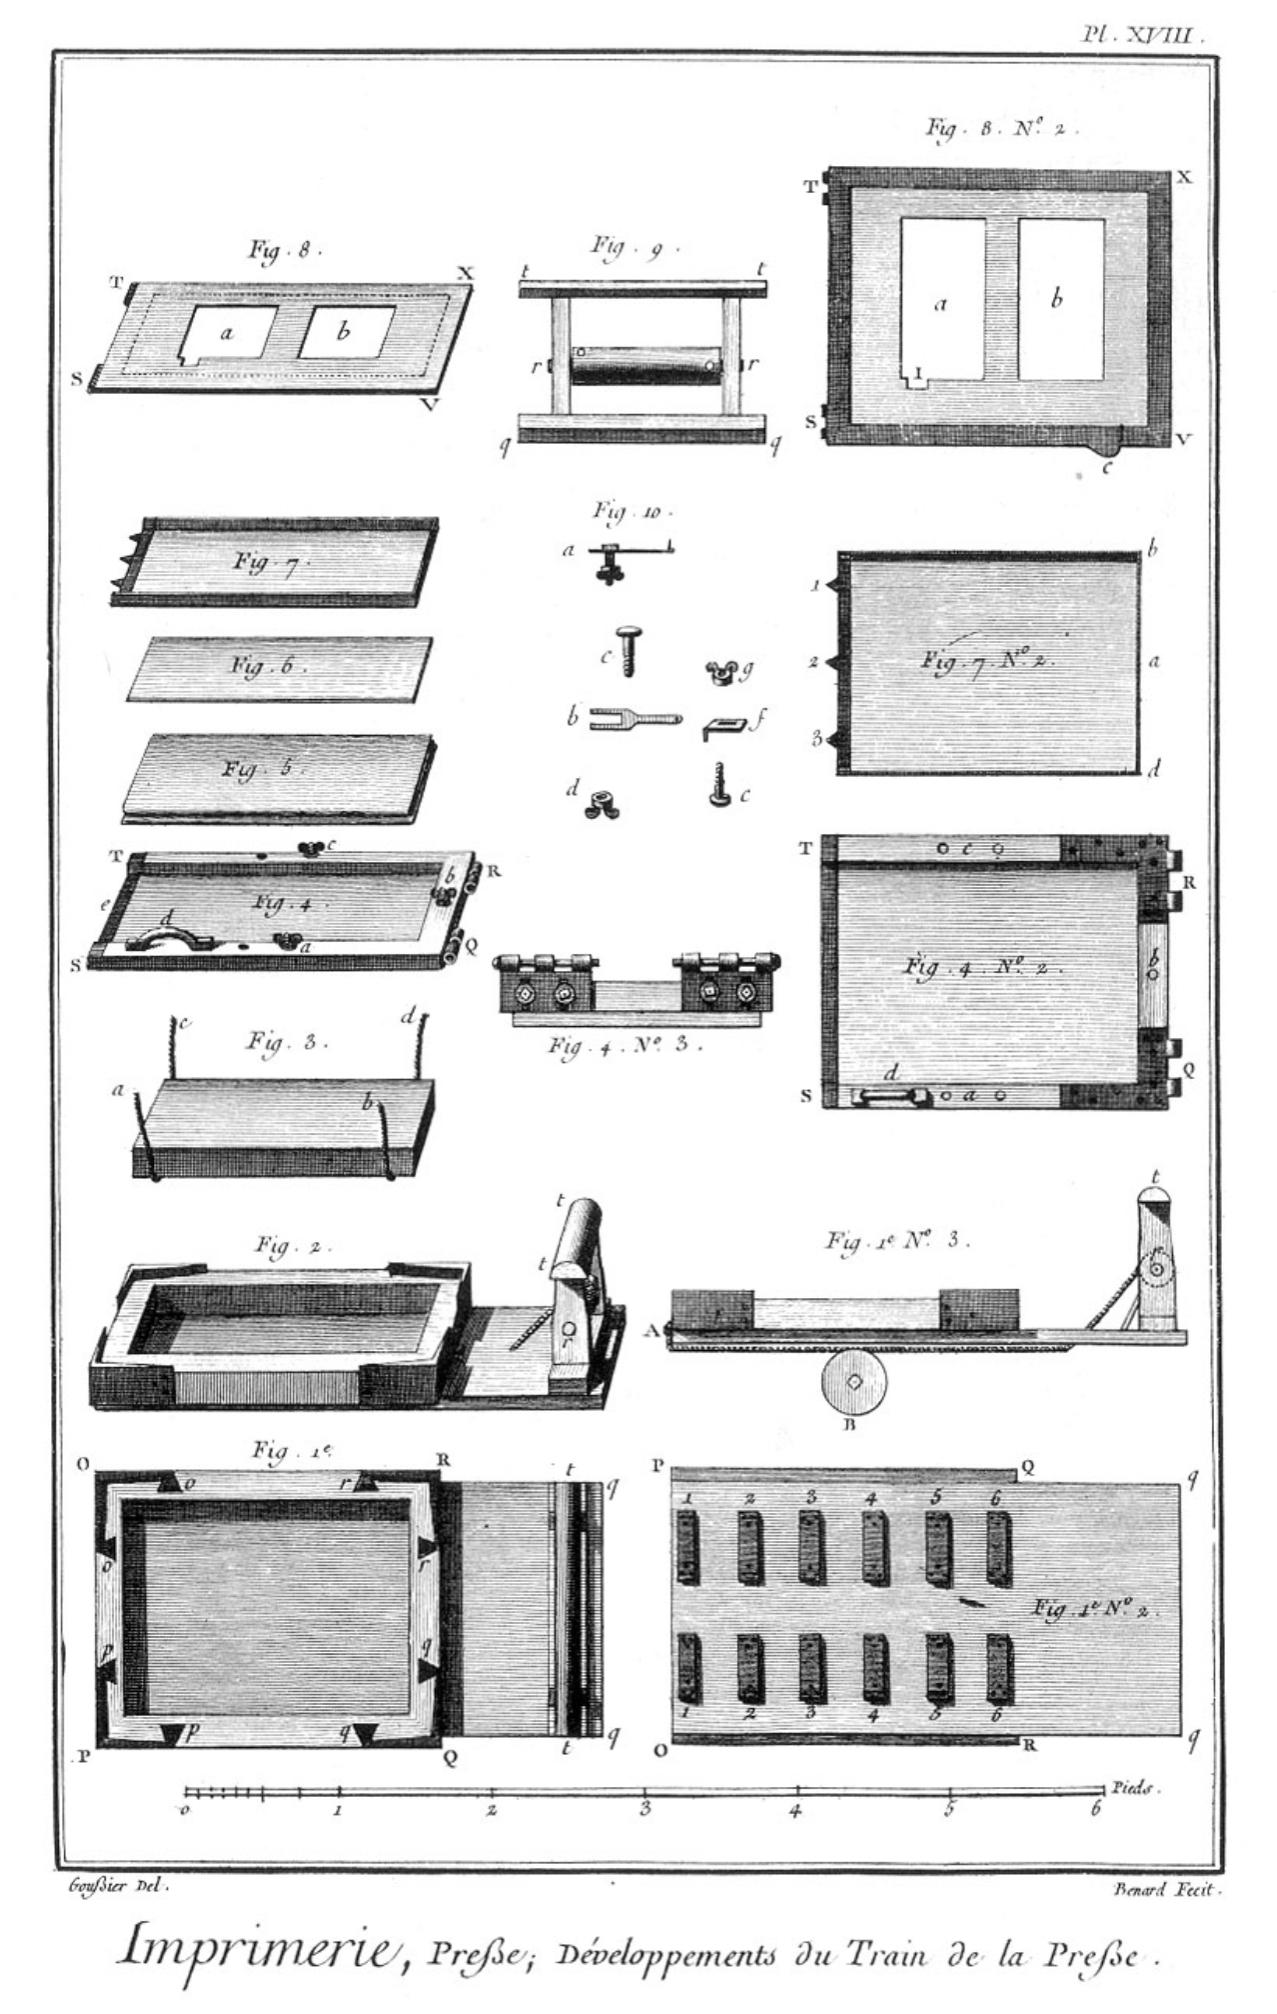 «Imprimerie en lettres», gravure de Louis-Jacques Goussier et Robert Benard, sixième volume des planches de l'Encyclopédie, Paris, 1768, planche XVIII